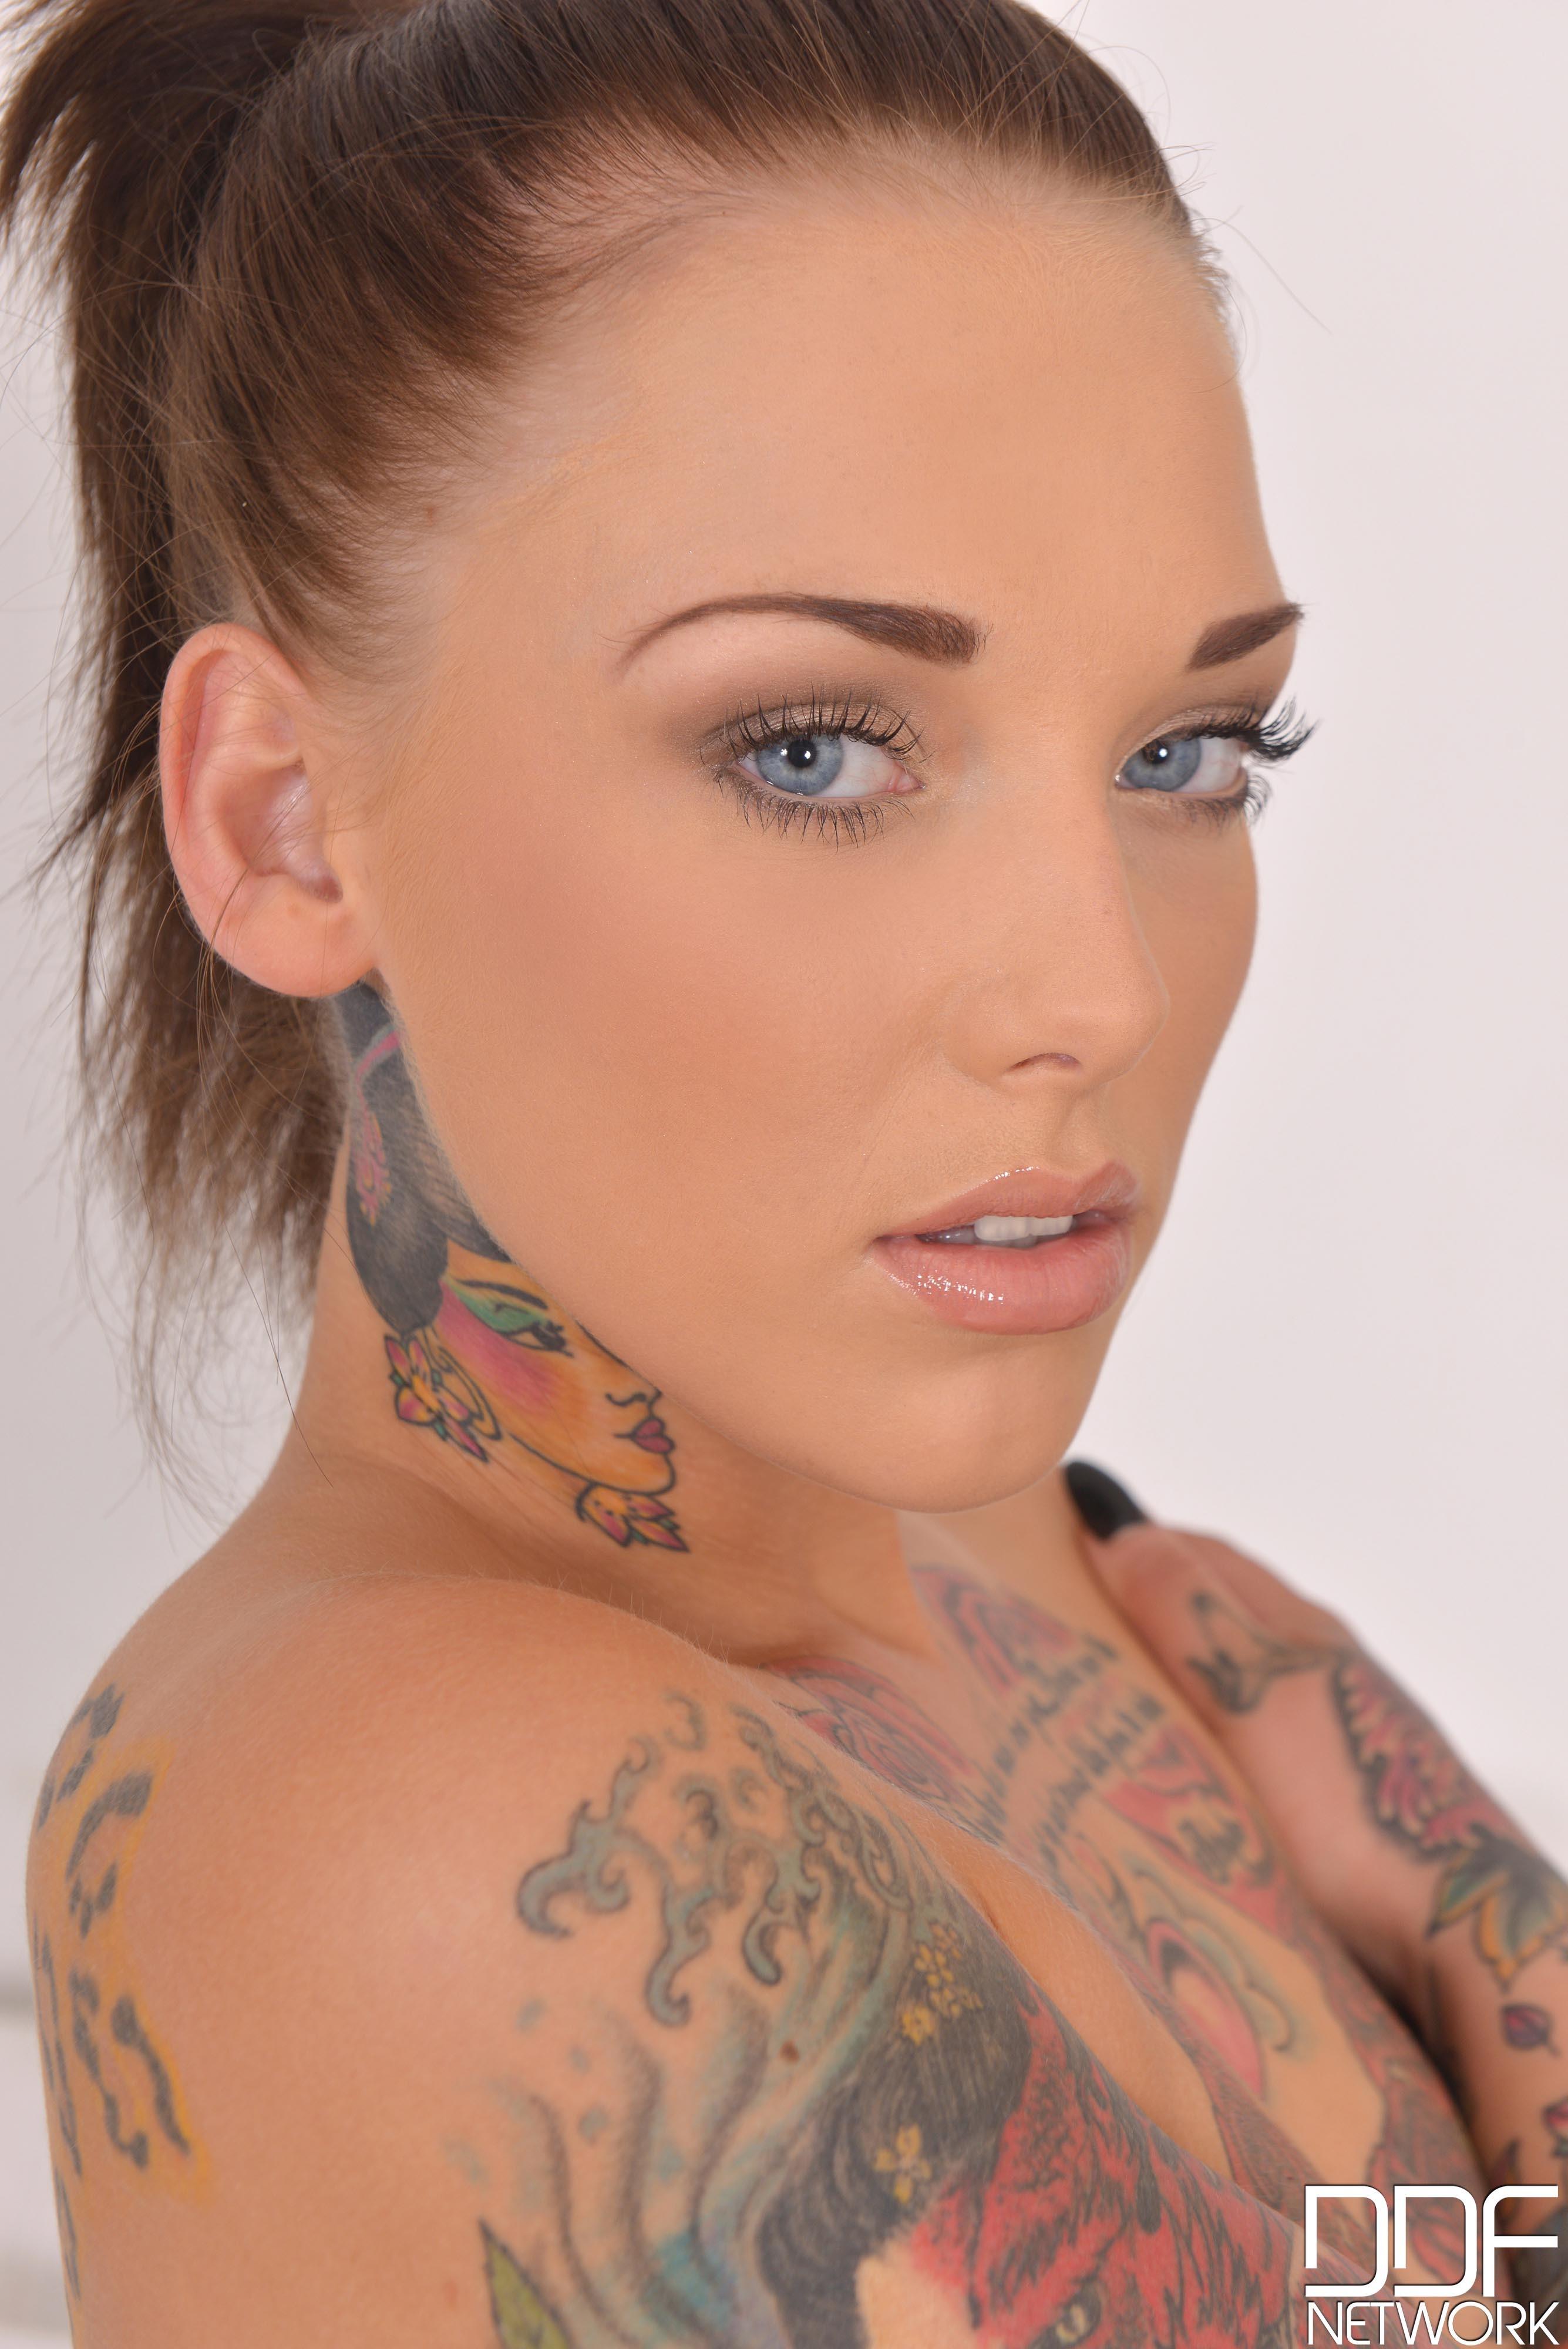 topless, DDF Network Magazine, Lauren C, Lauren Brock